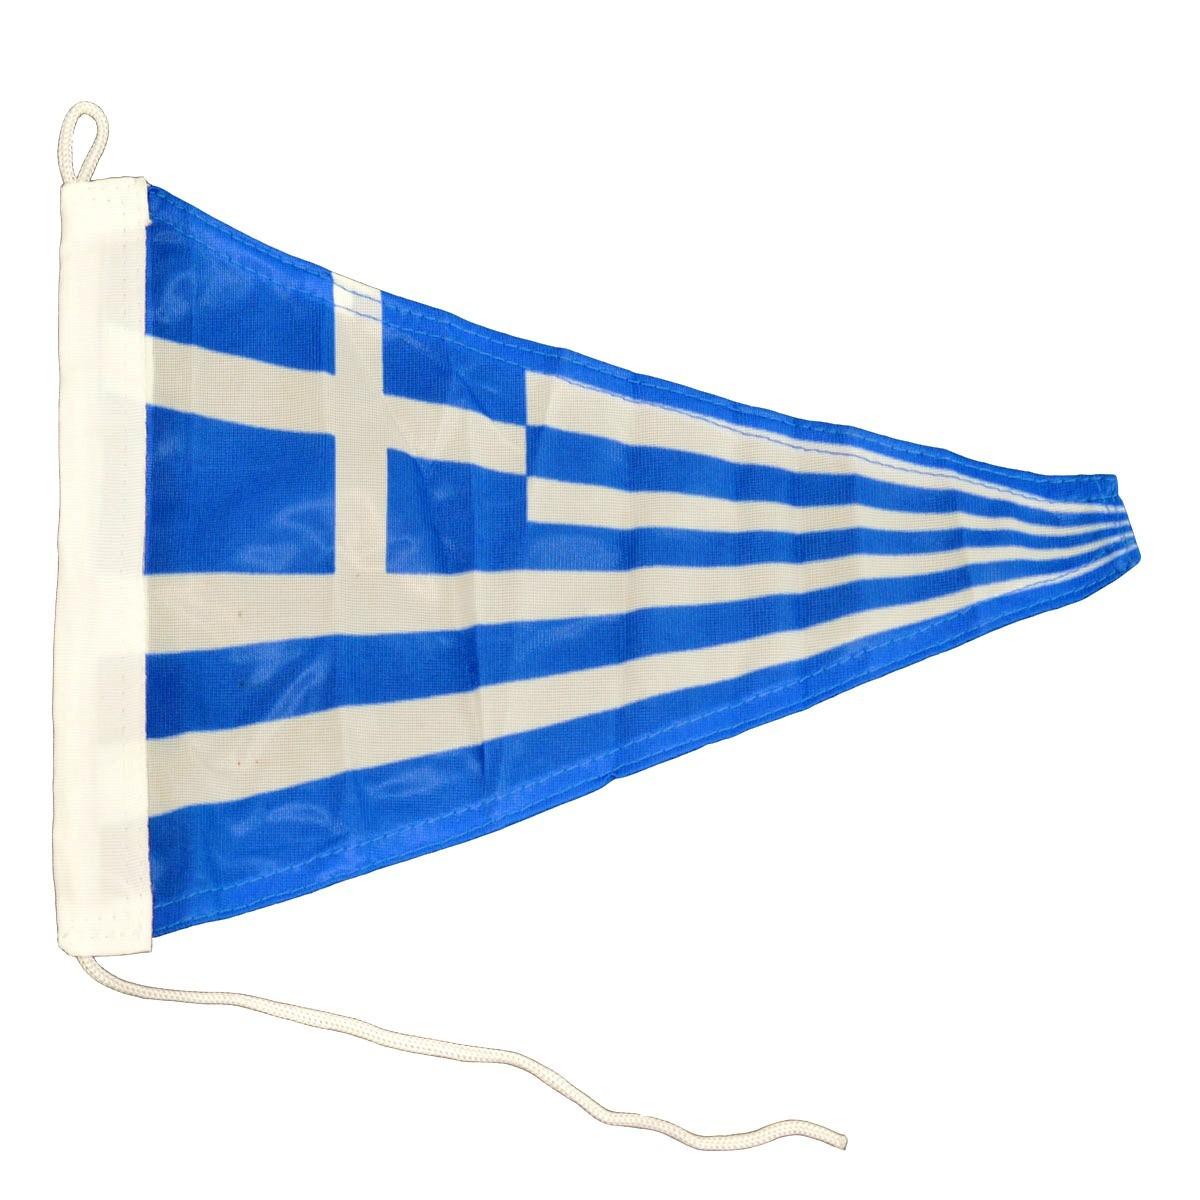 5.97 - Σημαία Ελληνική Τρίγωνη Μήκους 35cm